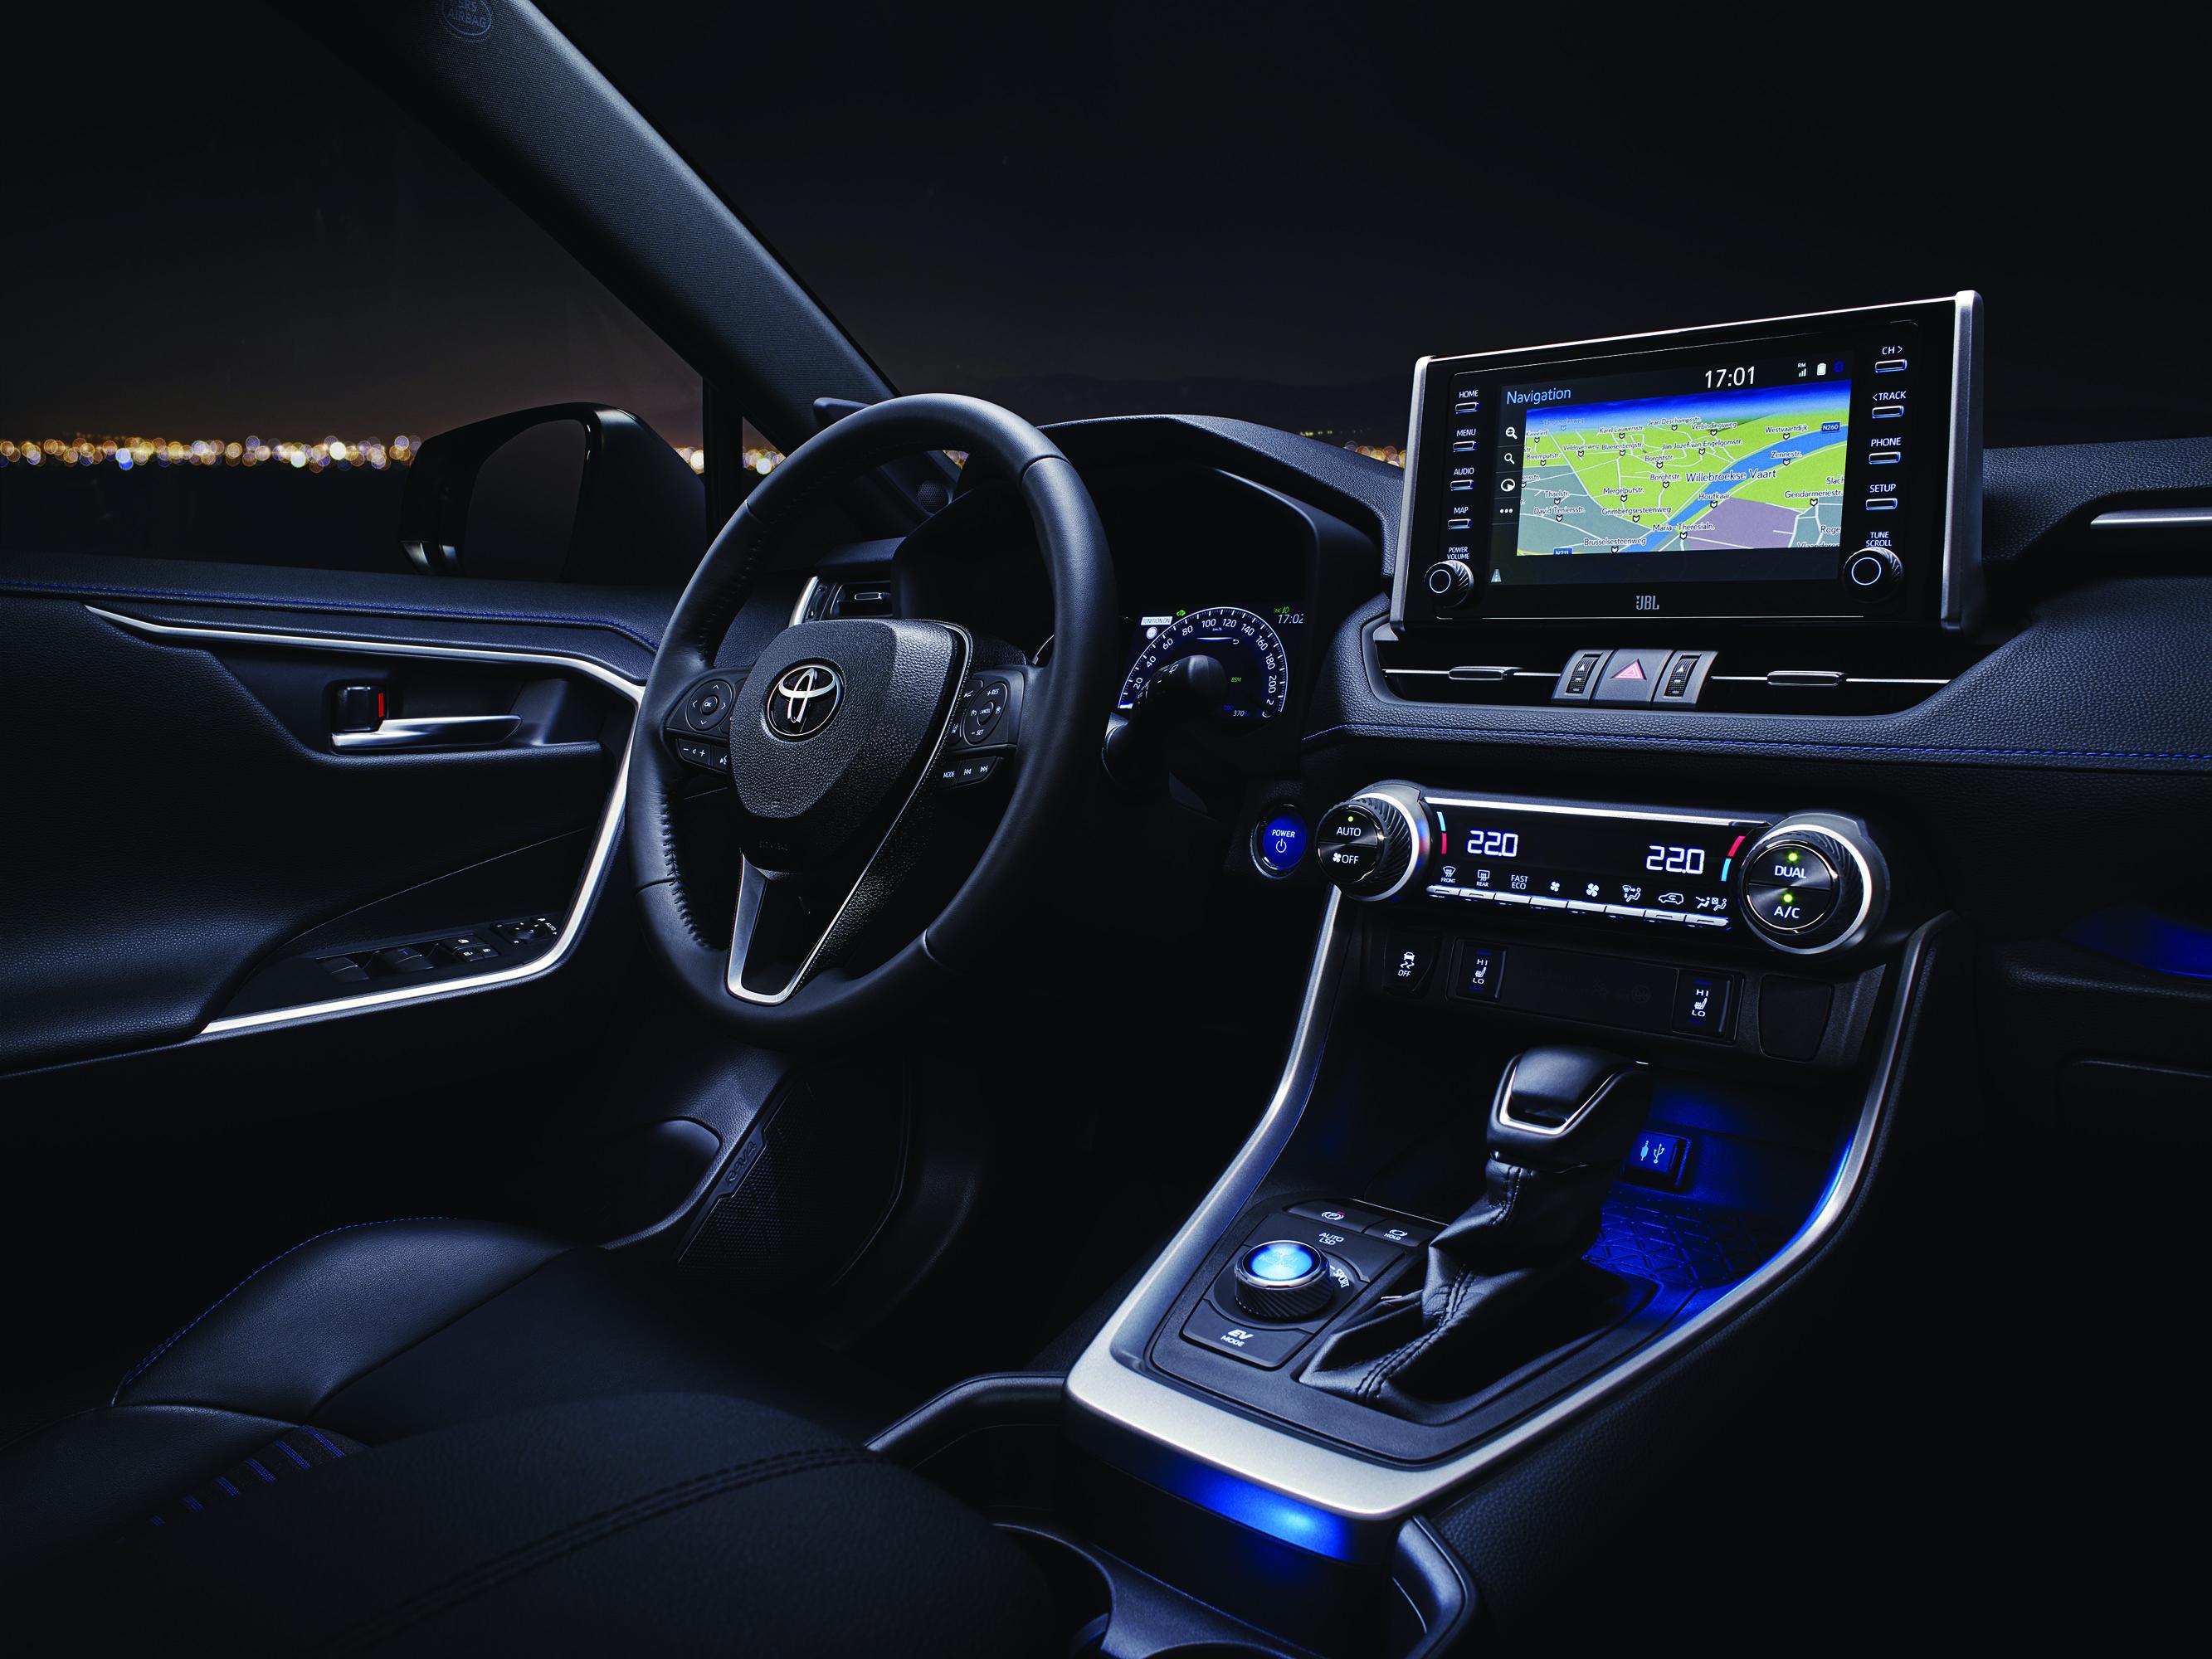 Toyota RAV4 дебютировала на Международном автосалоне в Нью-Йорке, и с этого славного дня бренд уверенно завоевал свои позиции в качестве одного из лидеров в области новых технологий и технических решений.